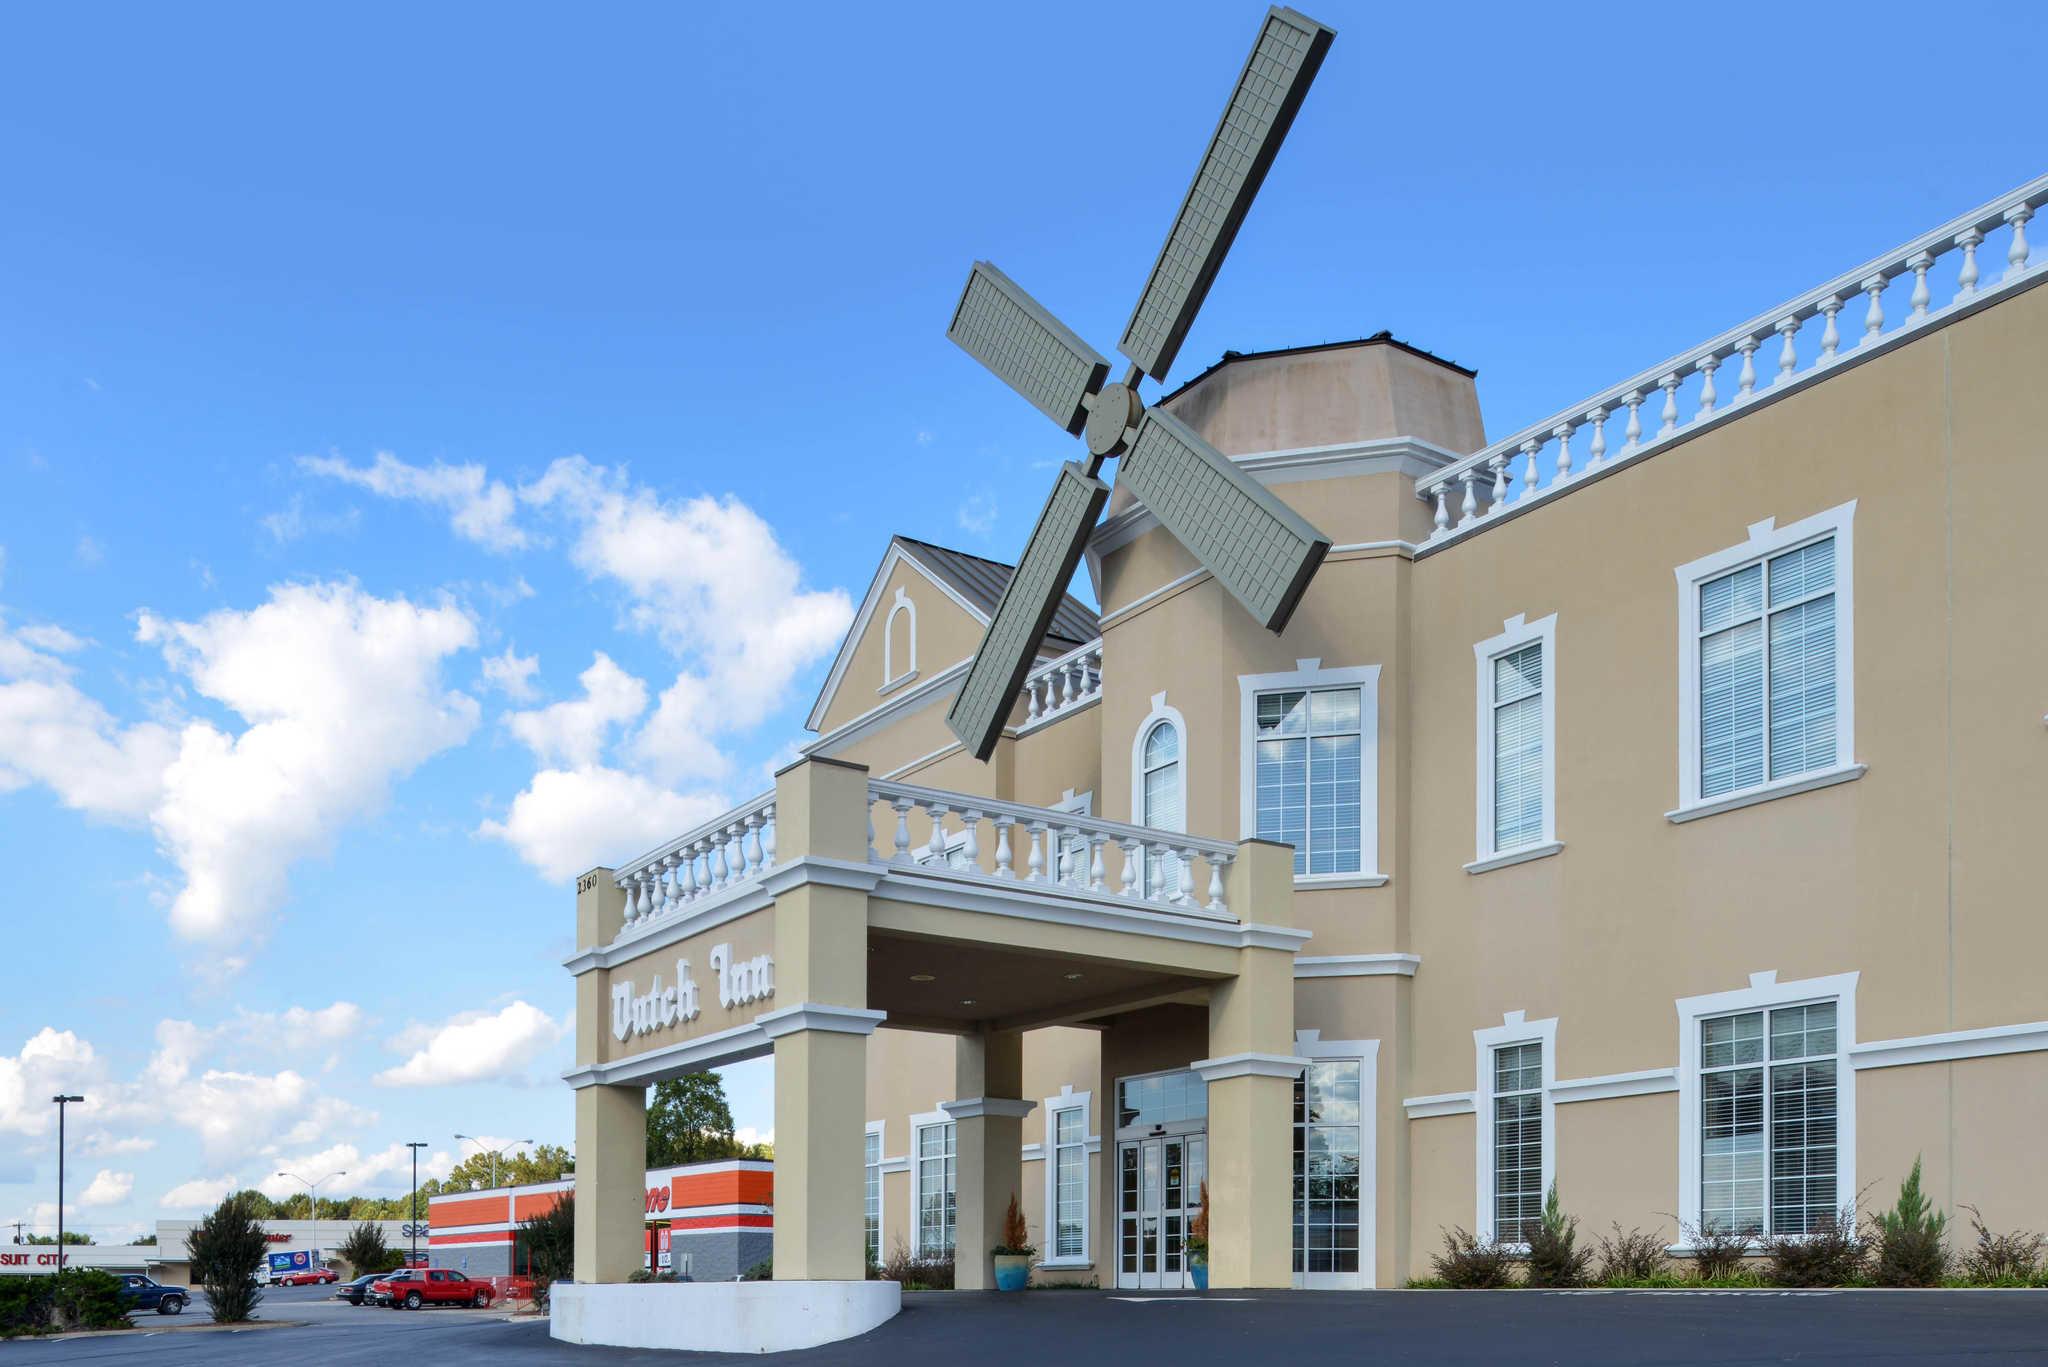 Quality Inn Dutch Inn image 1